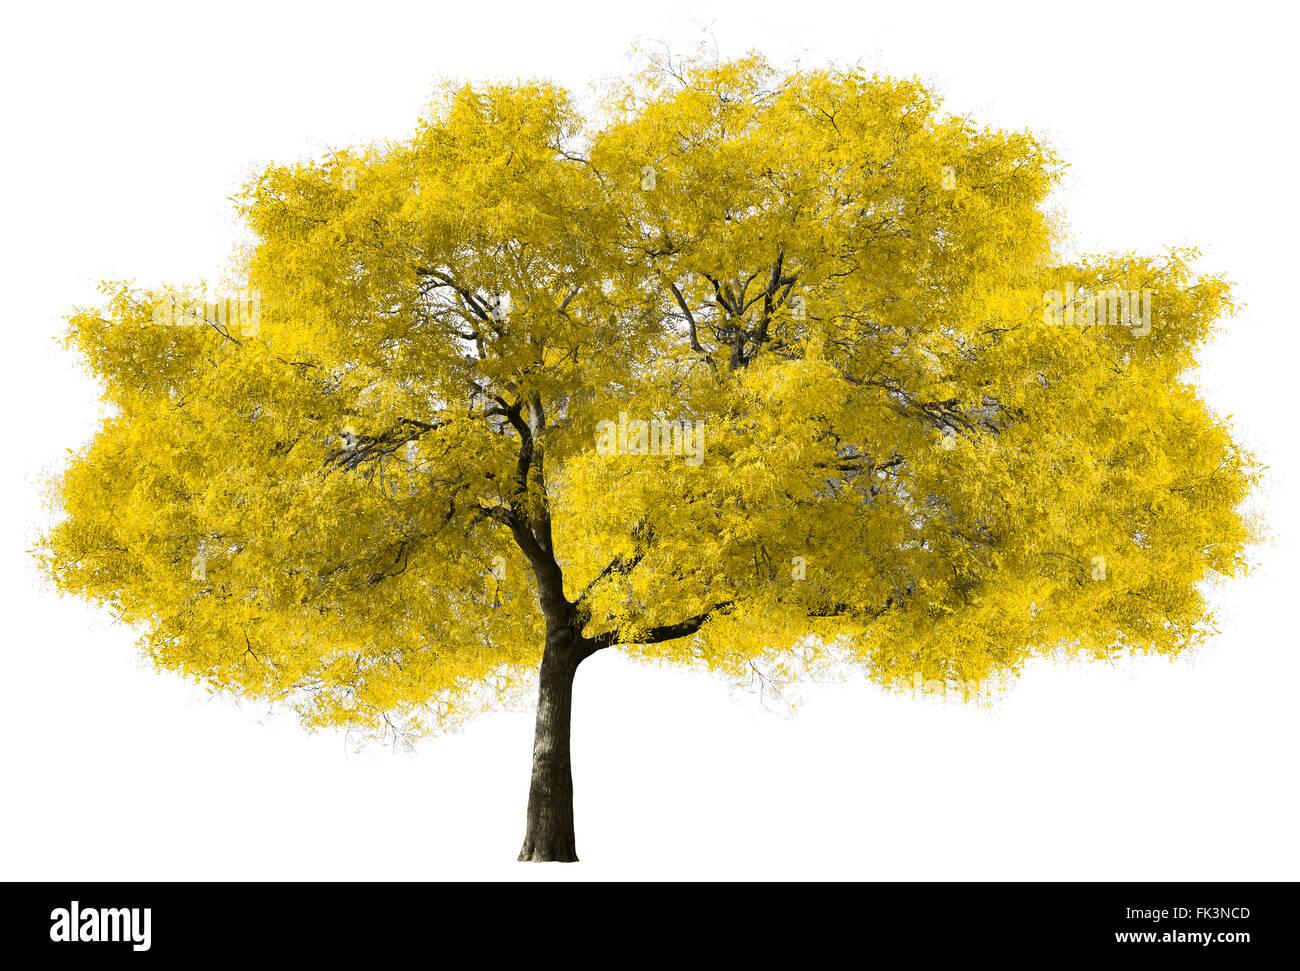 Grande albero giallo isolato su sfondo bianco Immagini Stock